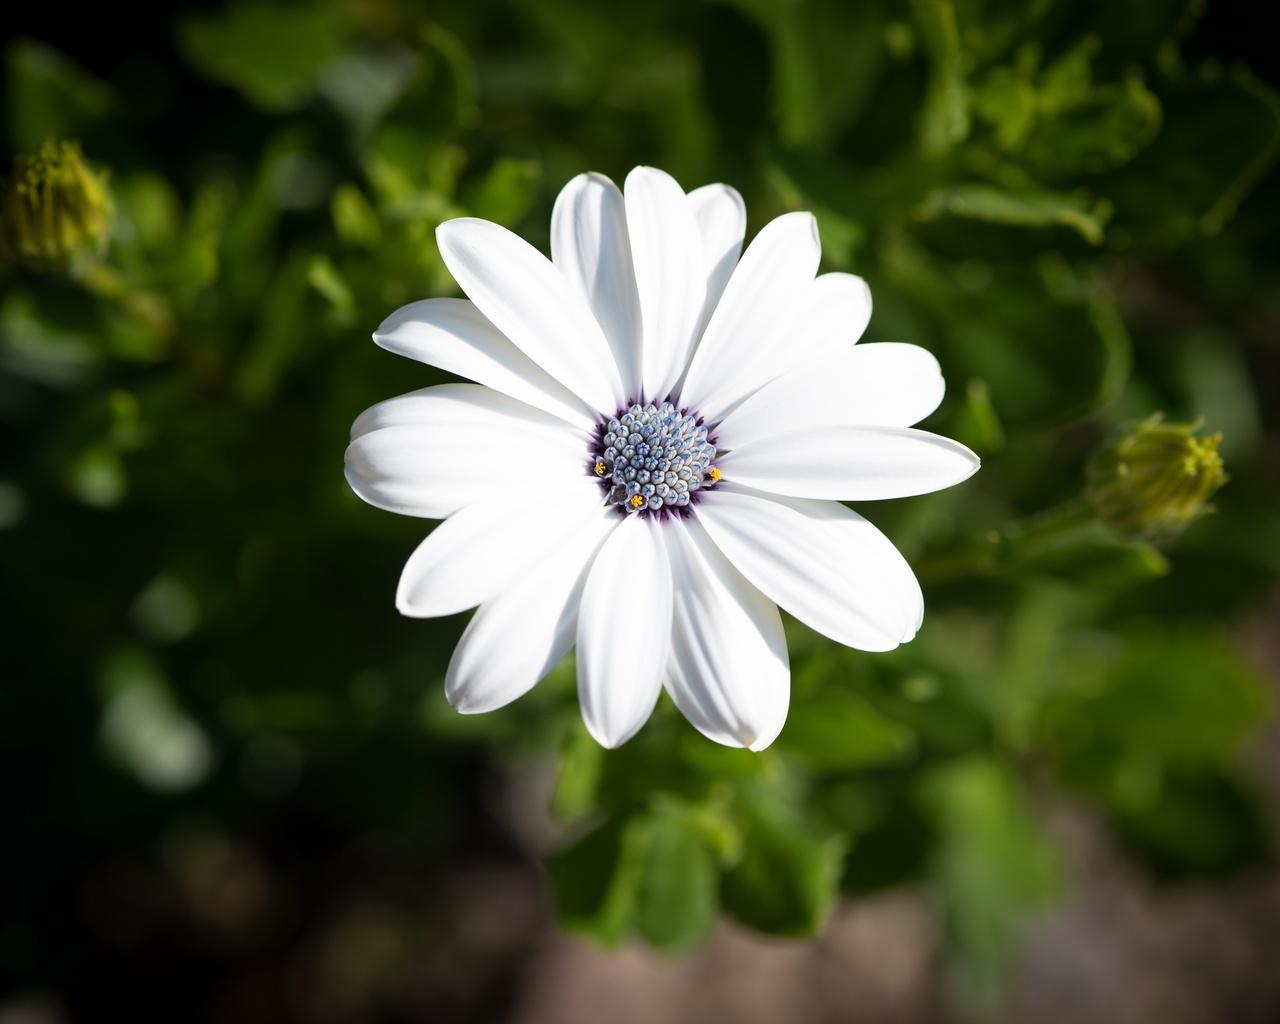 остеоспермум, размытый фон, белый, цветок